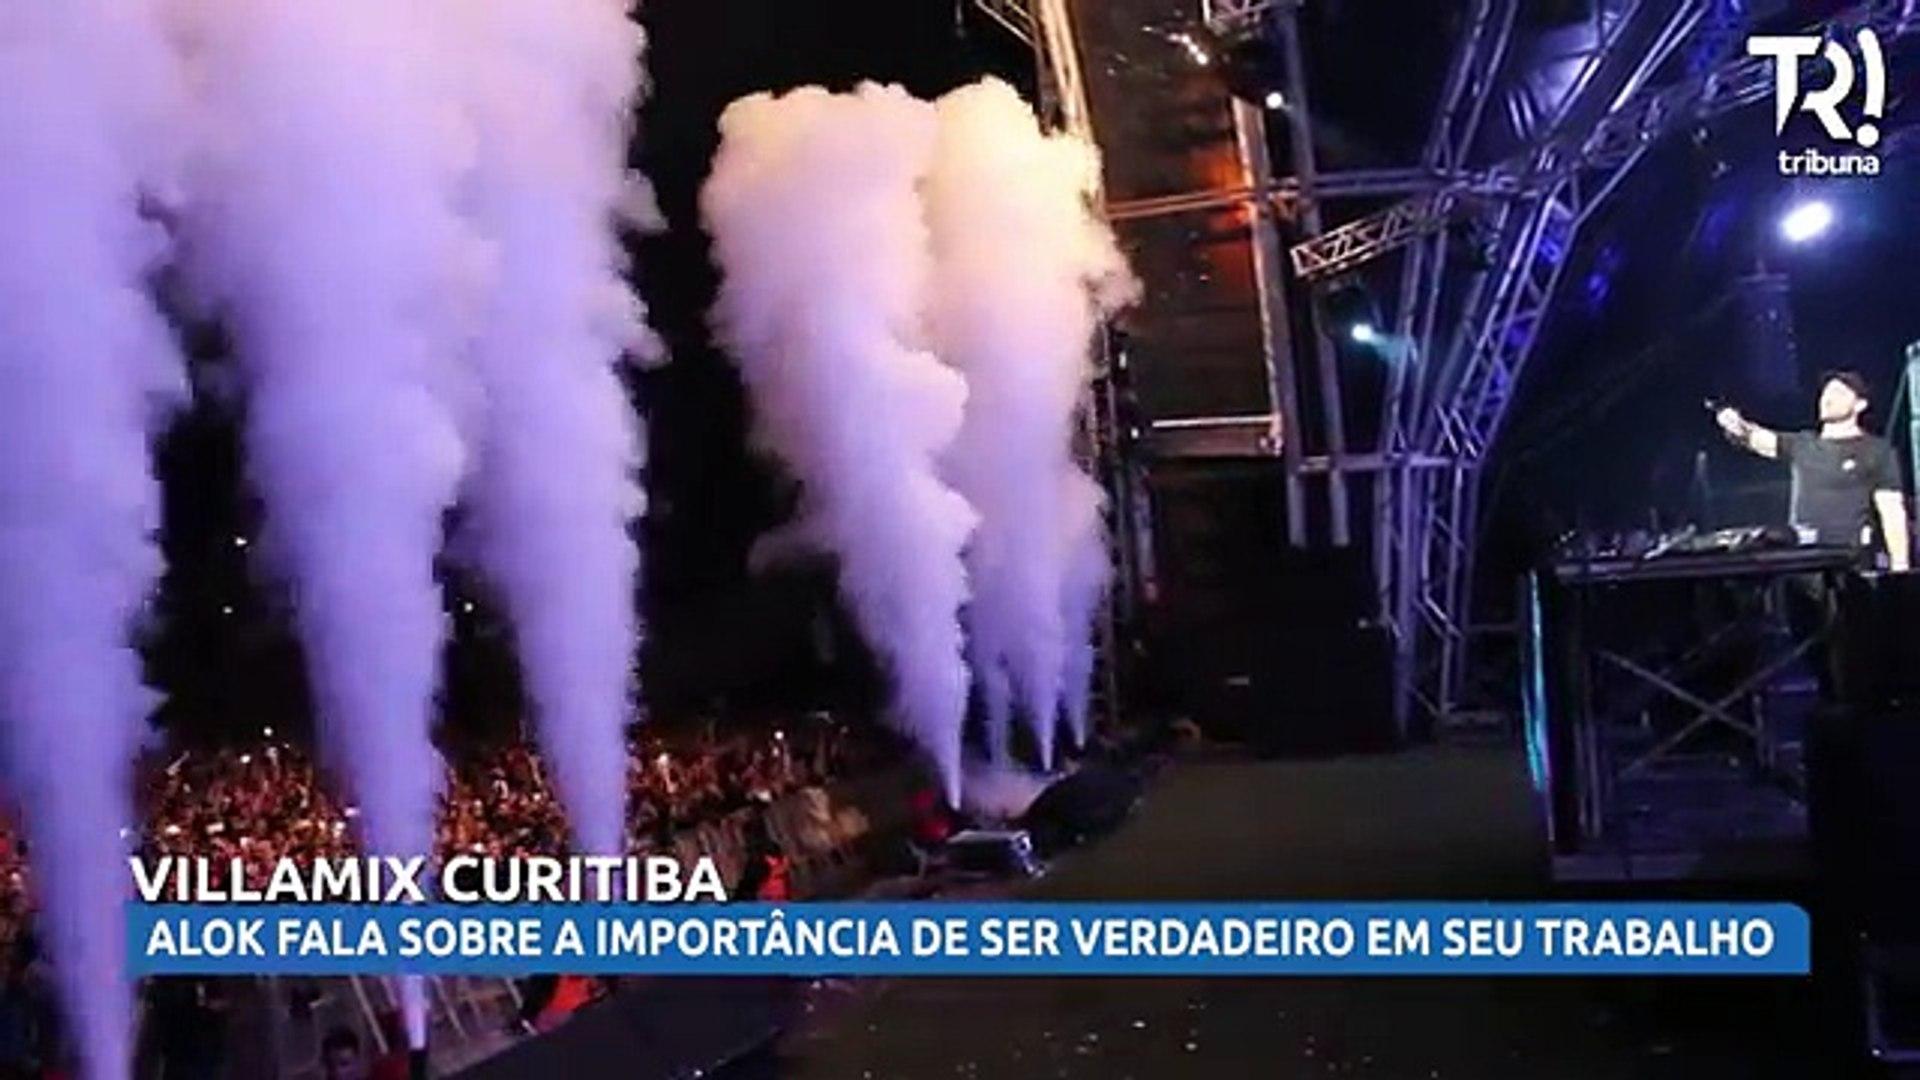 VillaMix Curitiba 2018: Alok fala da importância de ser verdadeiro em sua essência